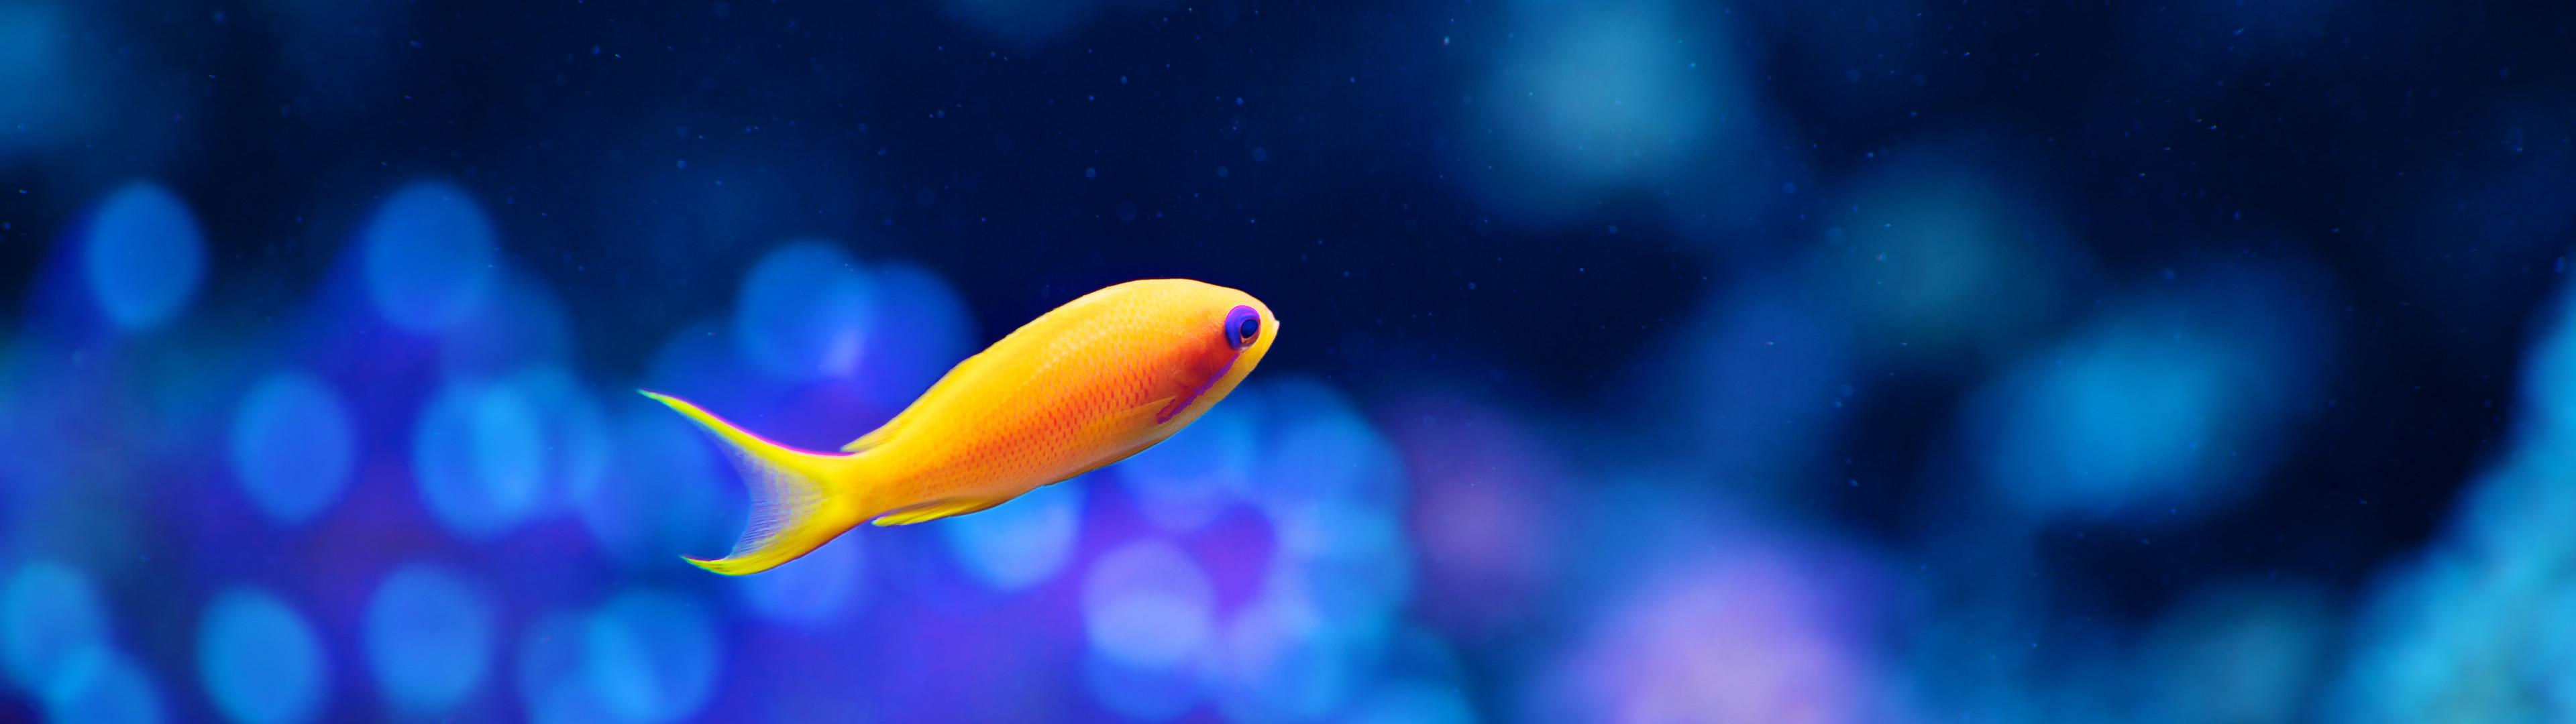 neon fish.jpg